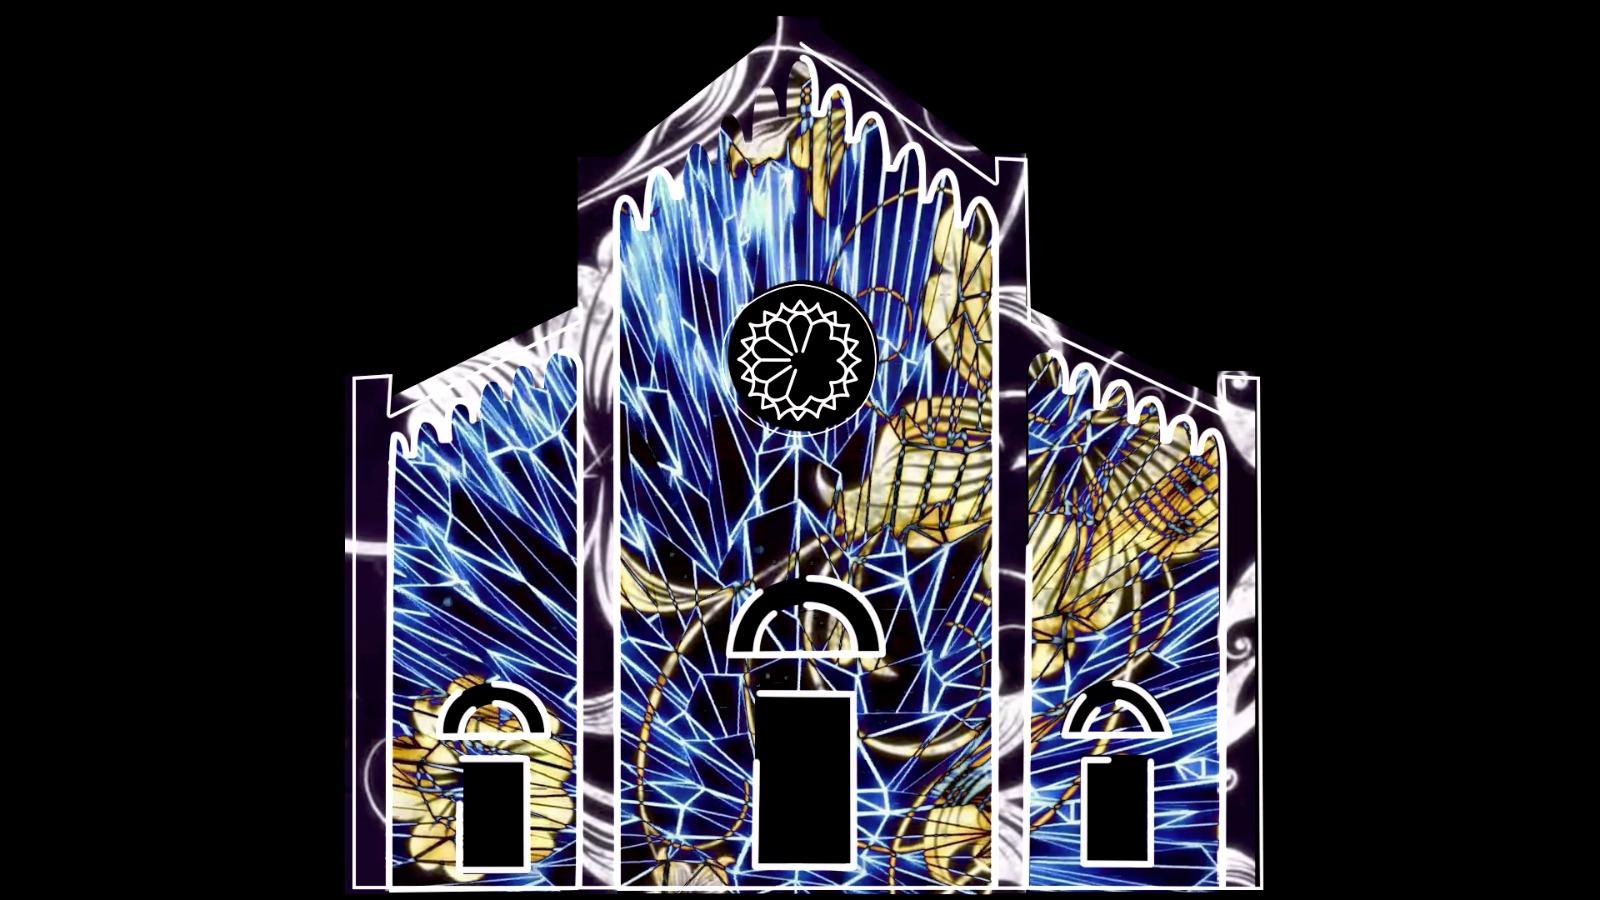 Natale: il Duomo di San Martino tra illusione e tridimensionale